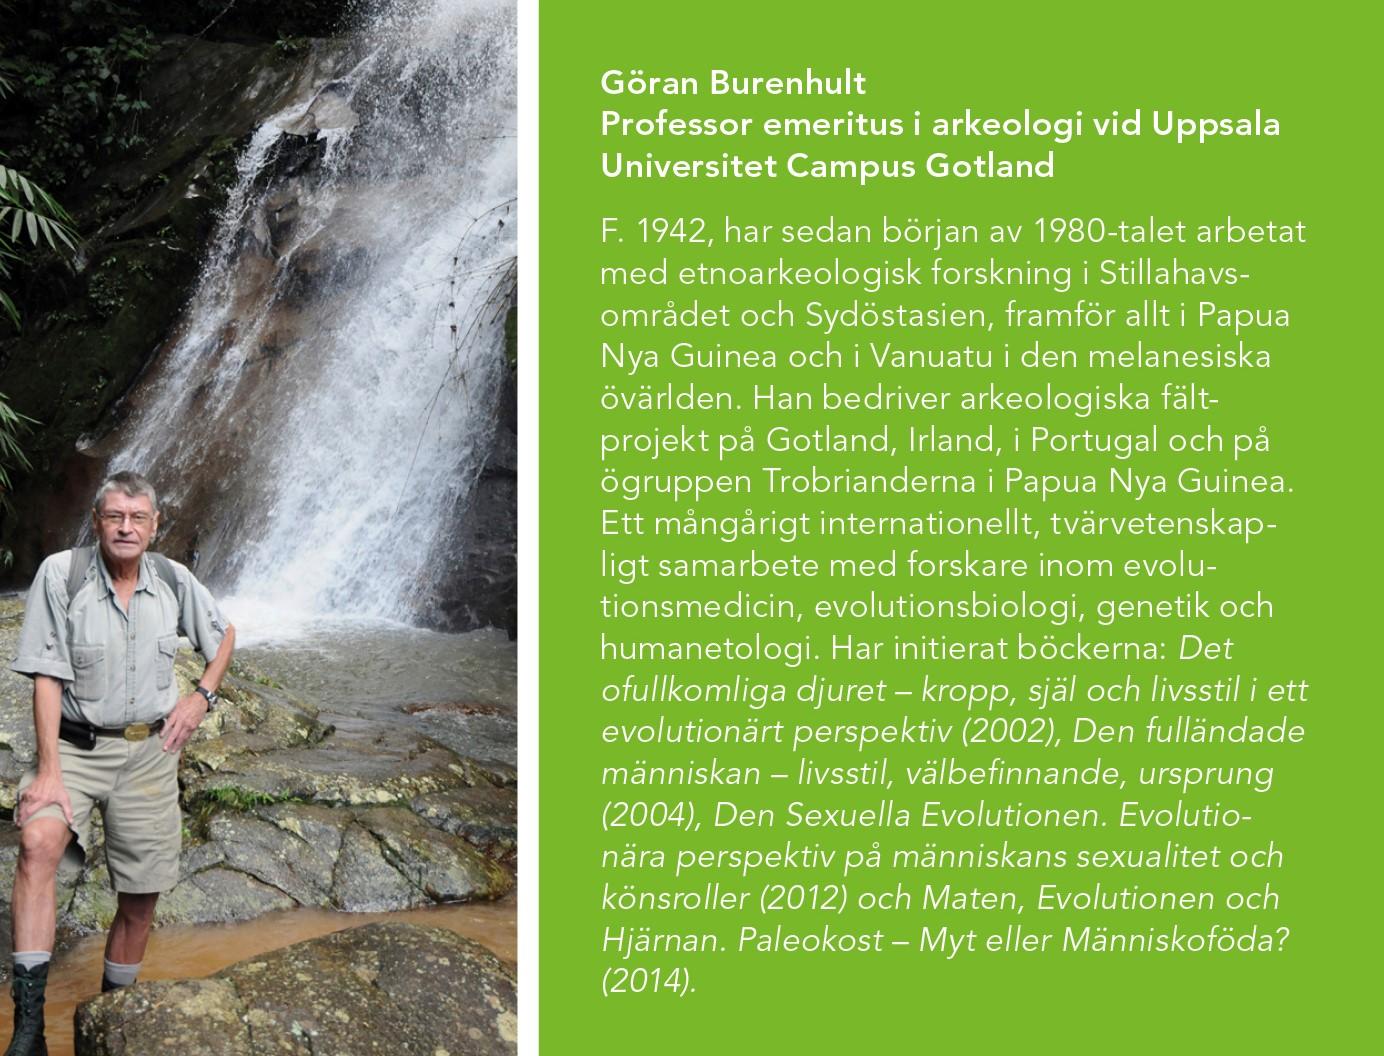 Inbjudan-Göran Burenhult.jpg